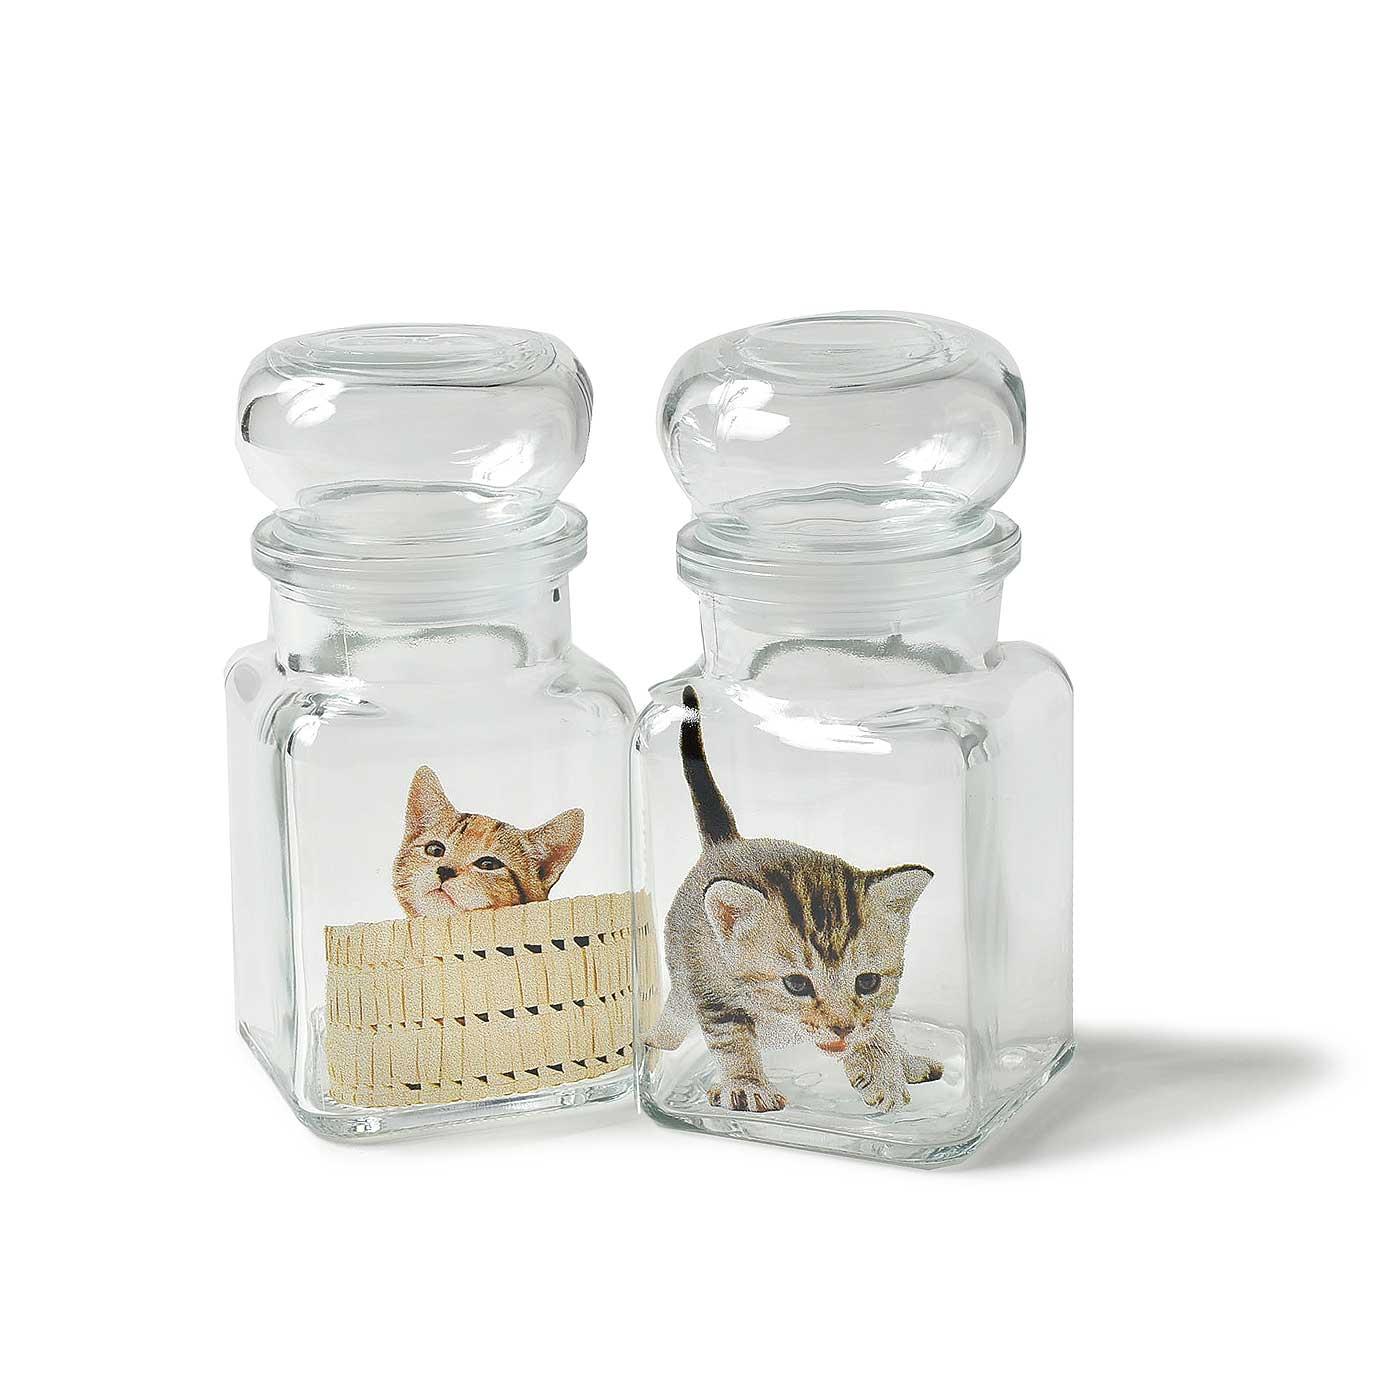 子猫が転写されたミニキャスター2個セット。